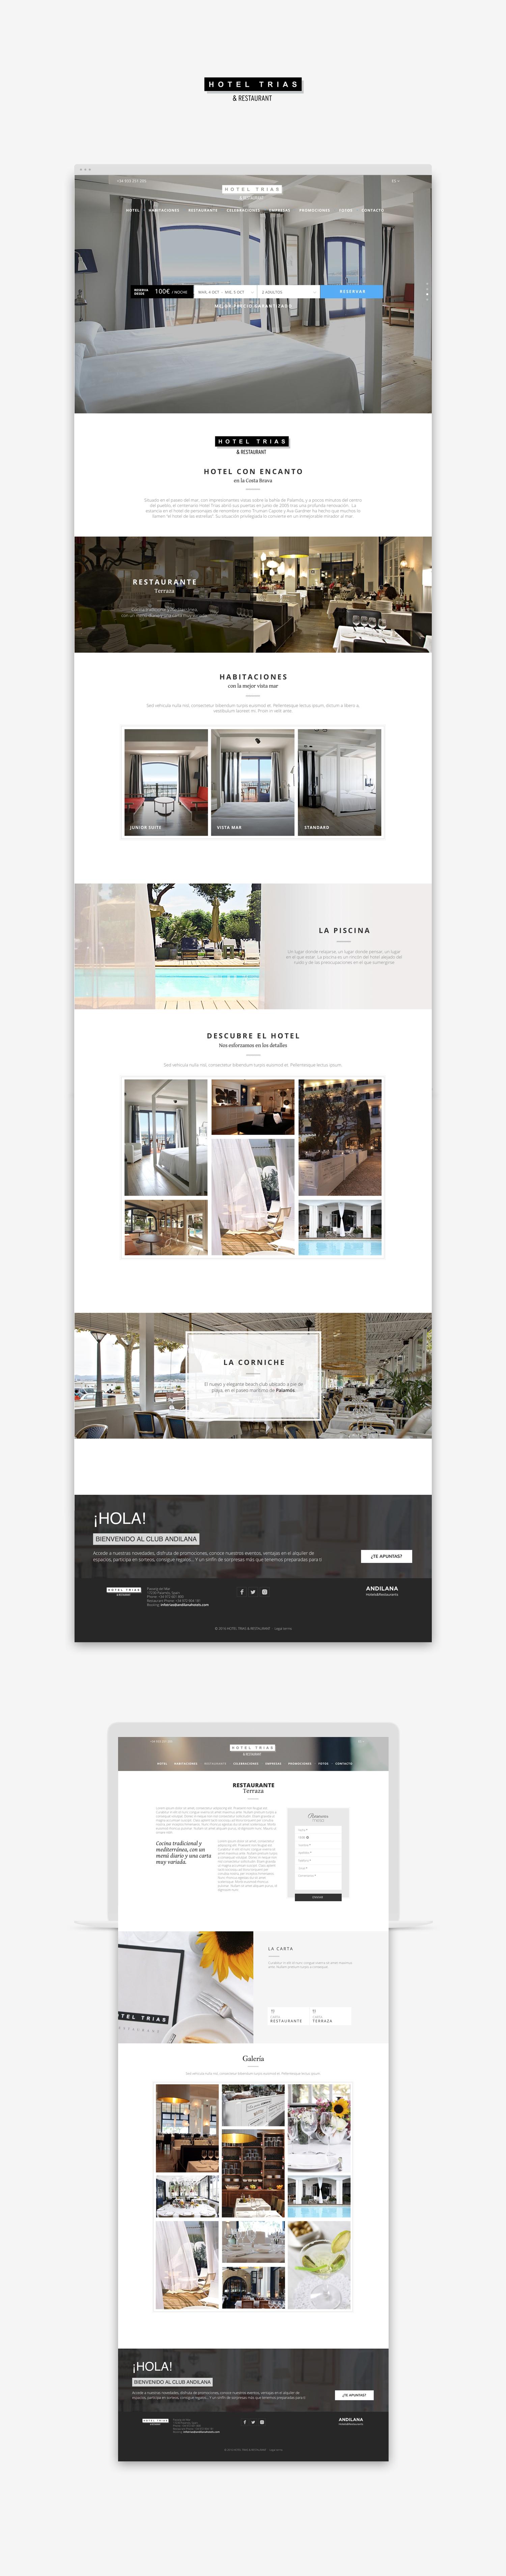 Diseño web hotel · Hotel TRIAS · Samuel Matito · diseñador freelance